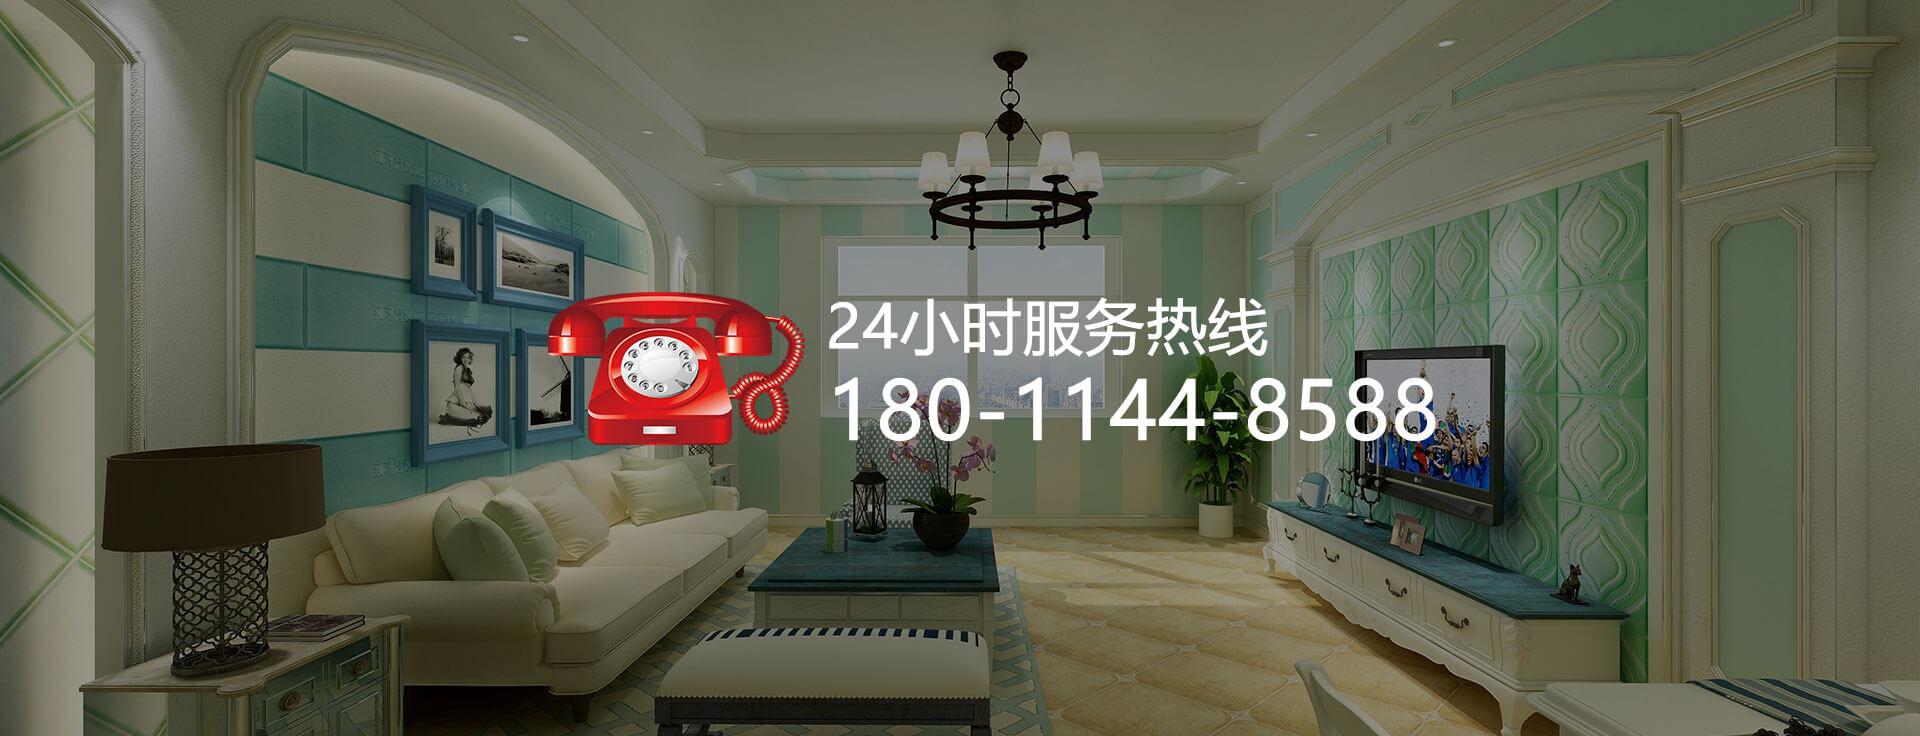 24小时服务热线:180-1144-8588